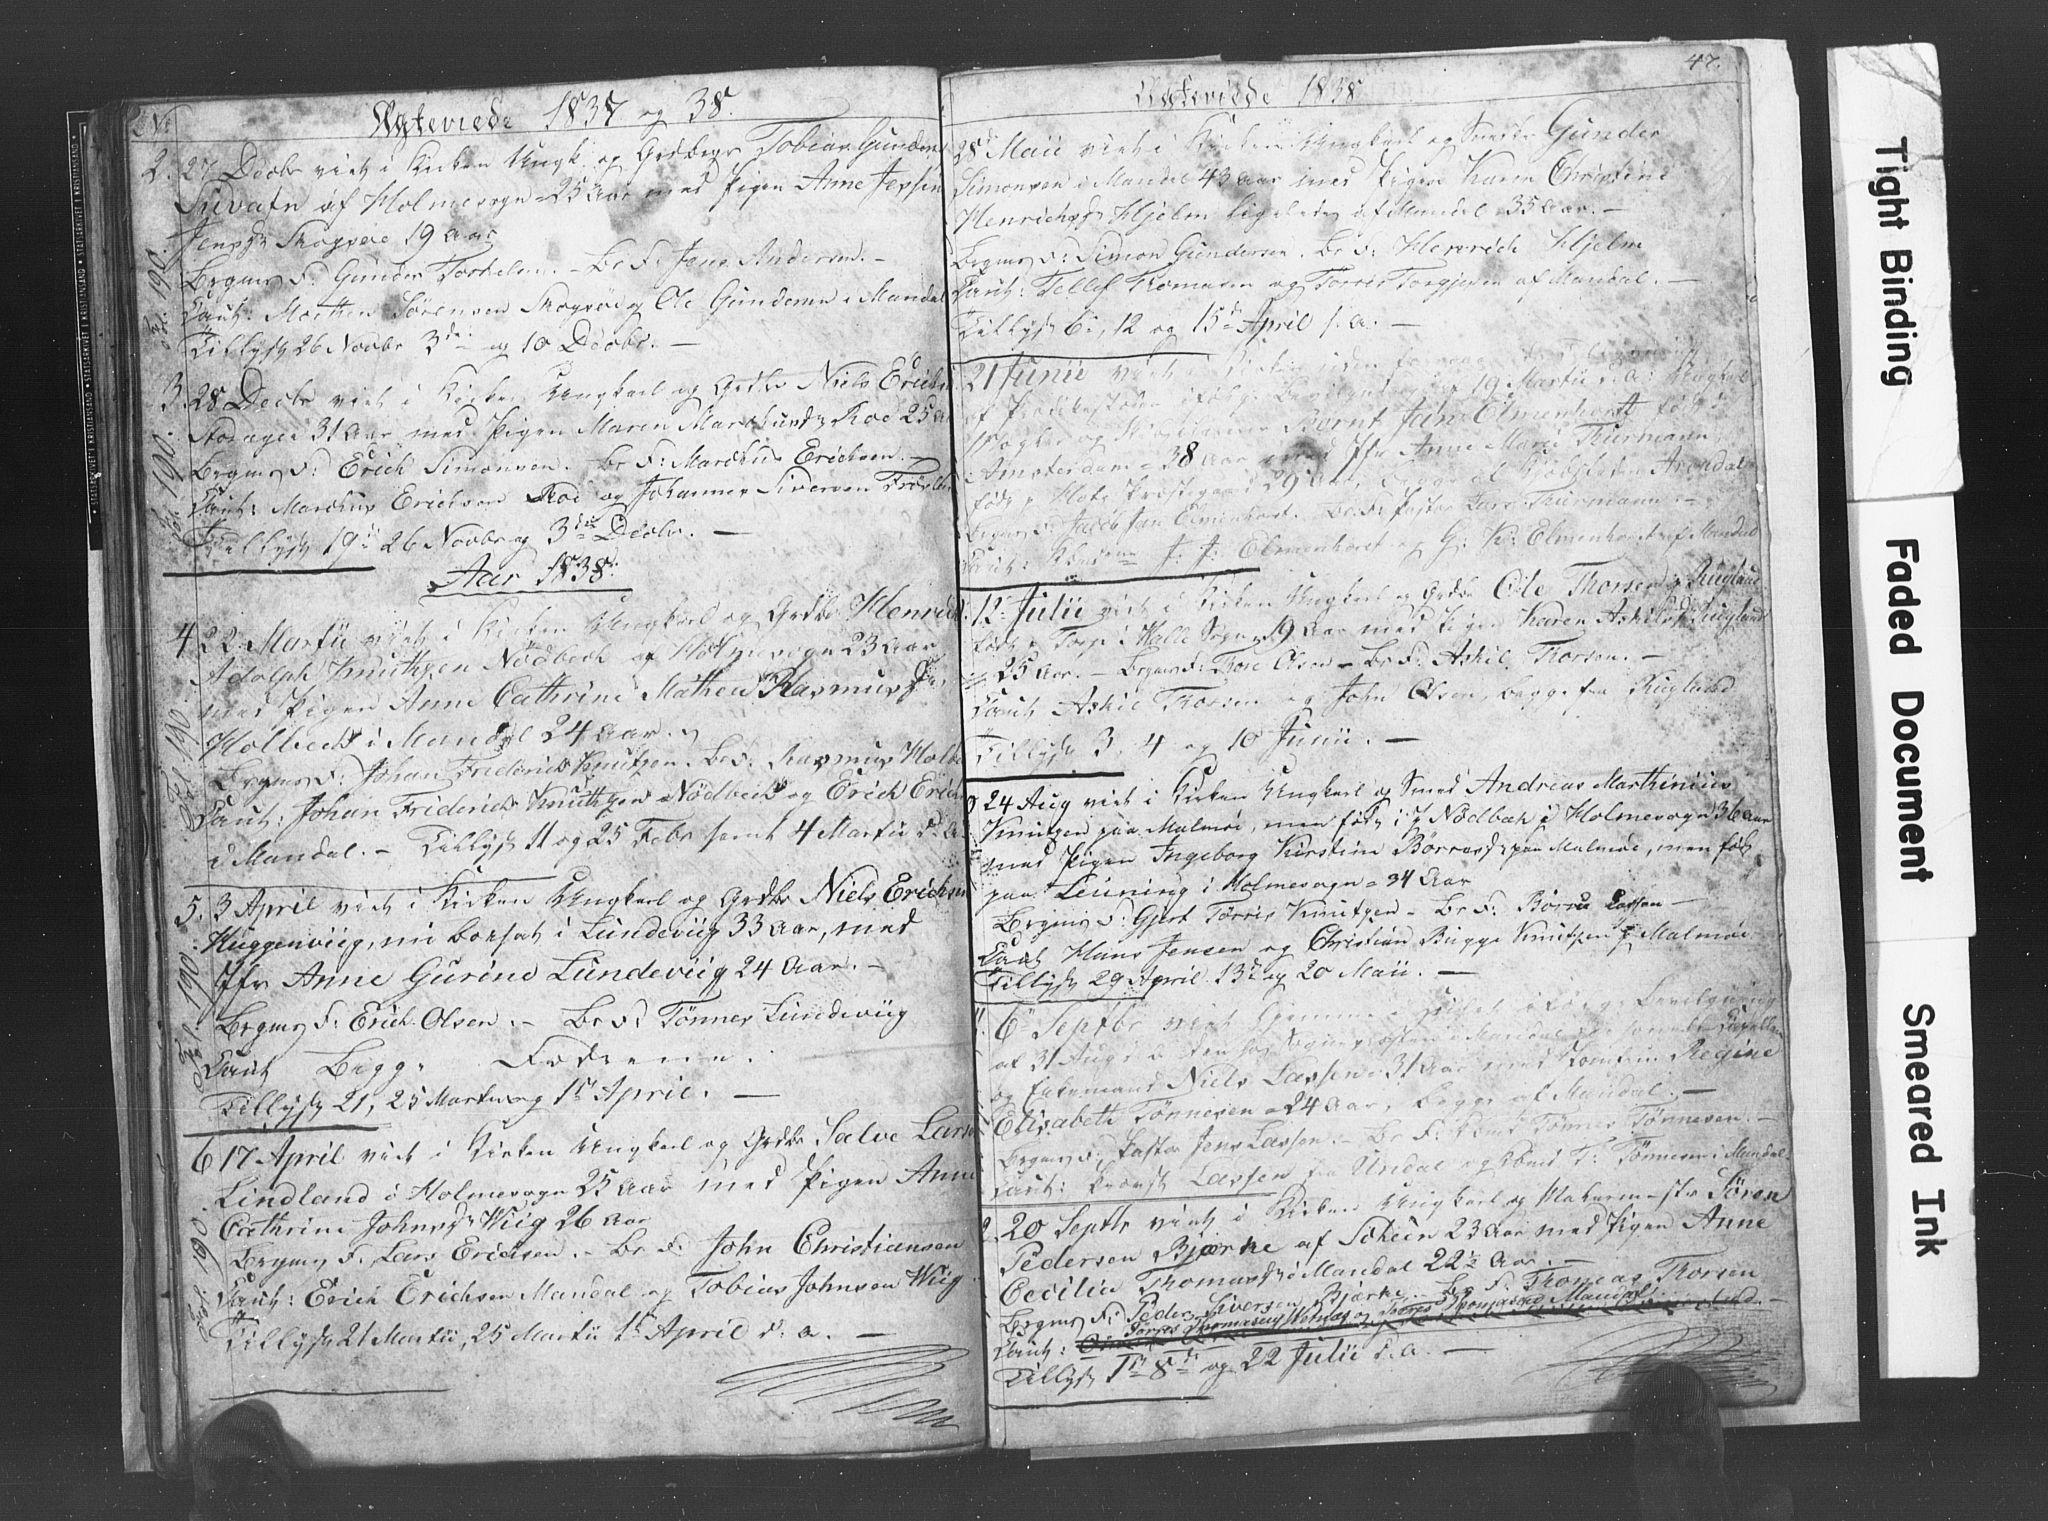 SAK, Mandal sokneprestkontor, F/Fb/Fba/L0003: Klokkerbok nr. B 1C, 1834-1838, s. 47